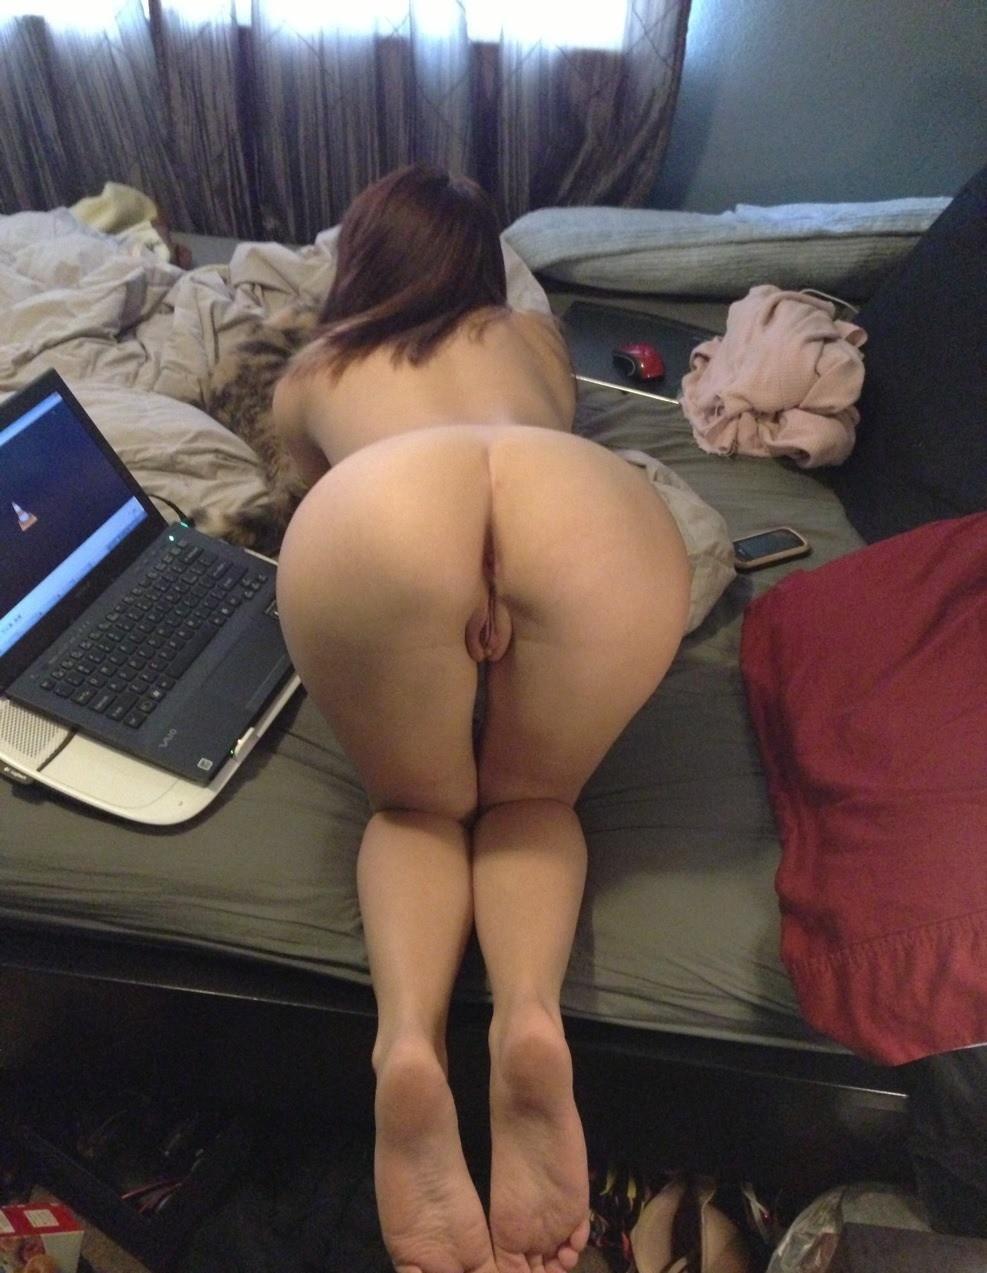 Butt sex data questions